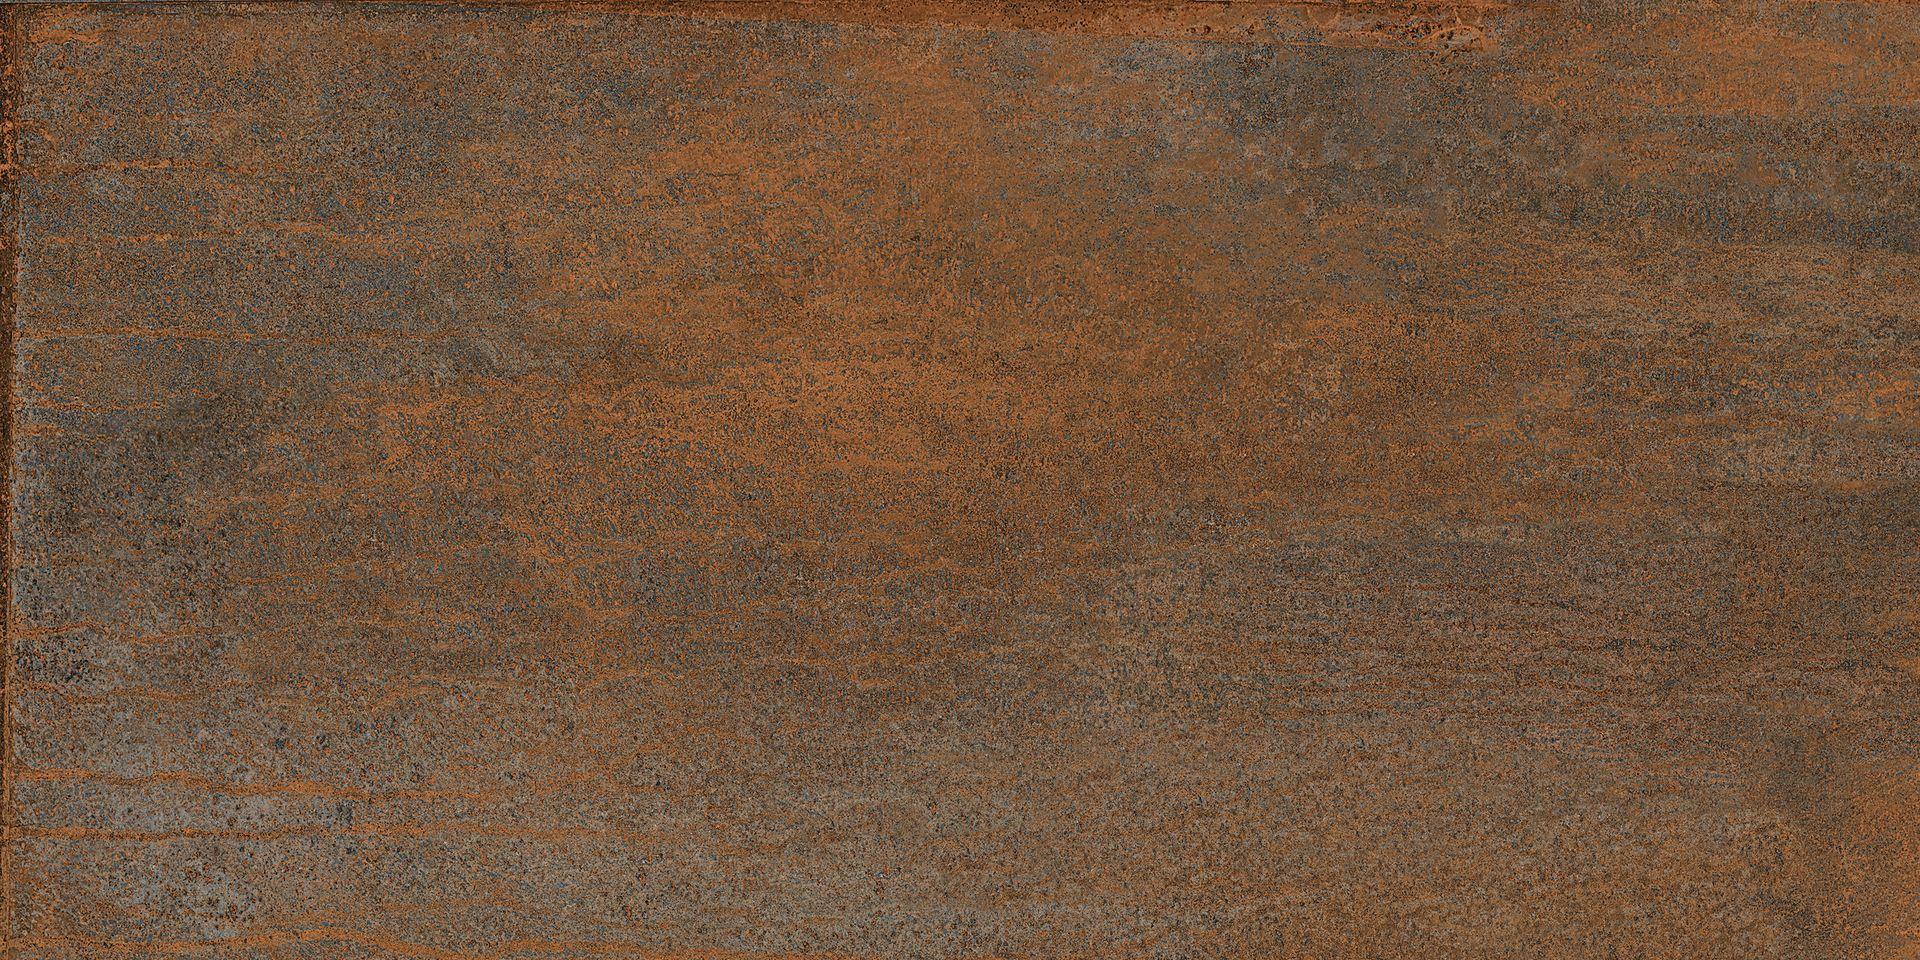 3084 Corten Steel Look Tile Corten Steel Stone Look Tile Corten